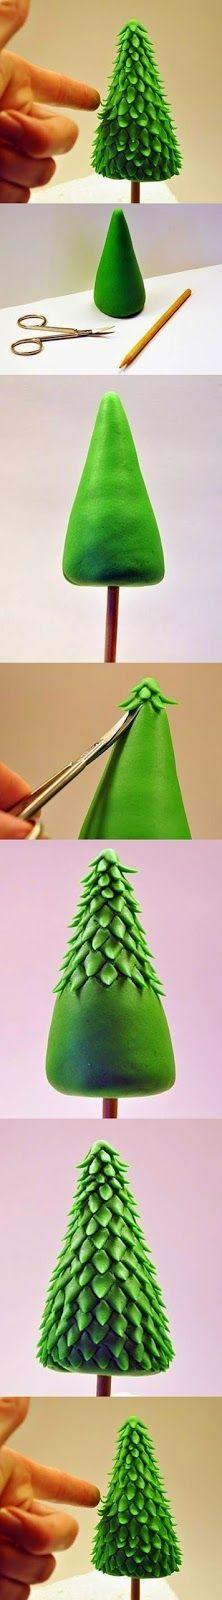 Pessoal, separamos esses tutoriais rápidos pra vocês utilizarem em bolos para o Natal.     Tutorial 01 - Árvore feita com pasta americana ...